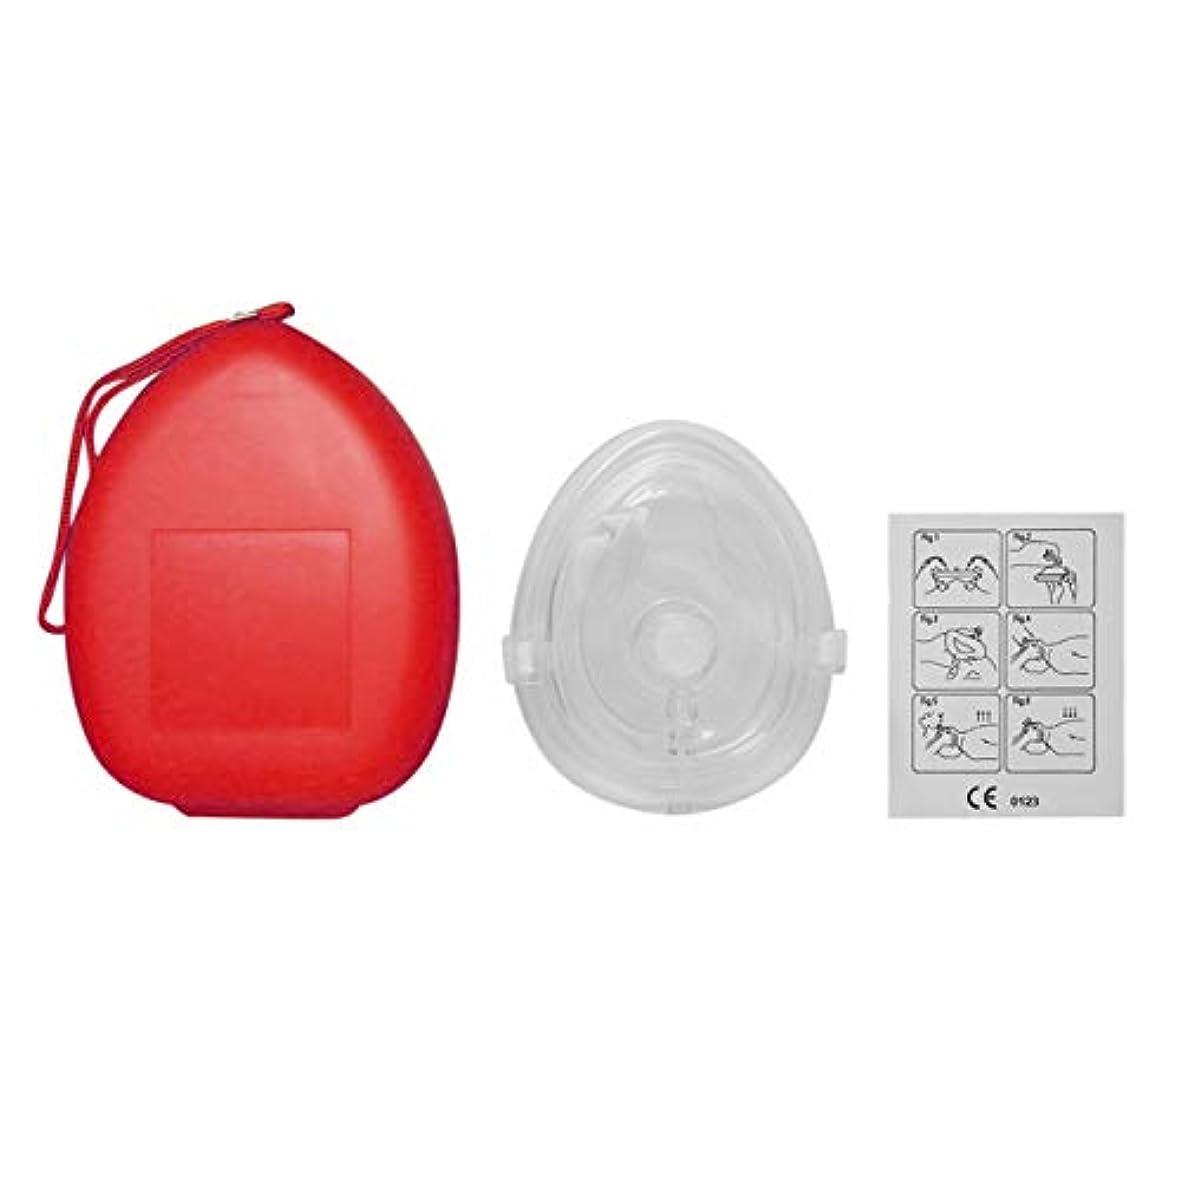 案件分革命友美 プロのcpr顔保護マスク付き一方向弁救急救助者トレーニング教育キット呼吸マスク医療ツール